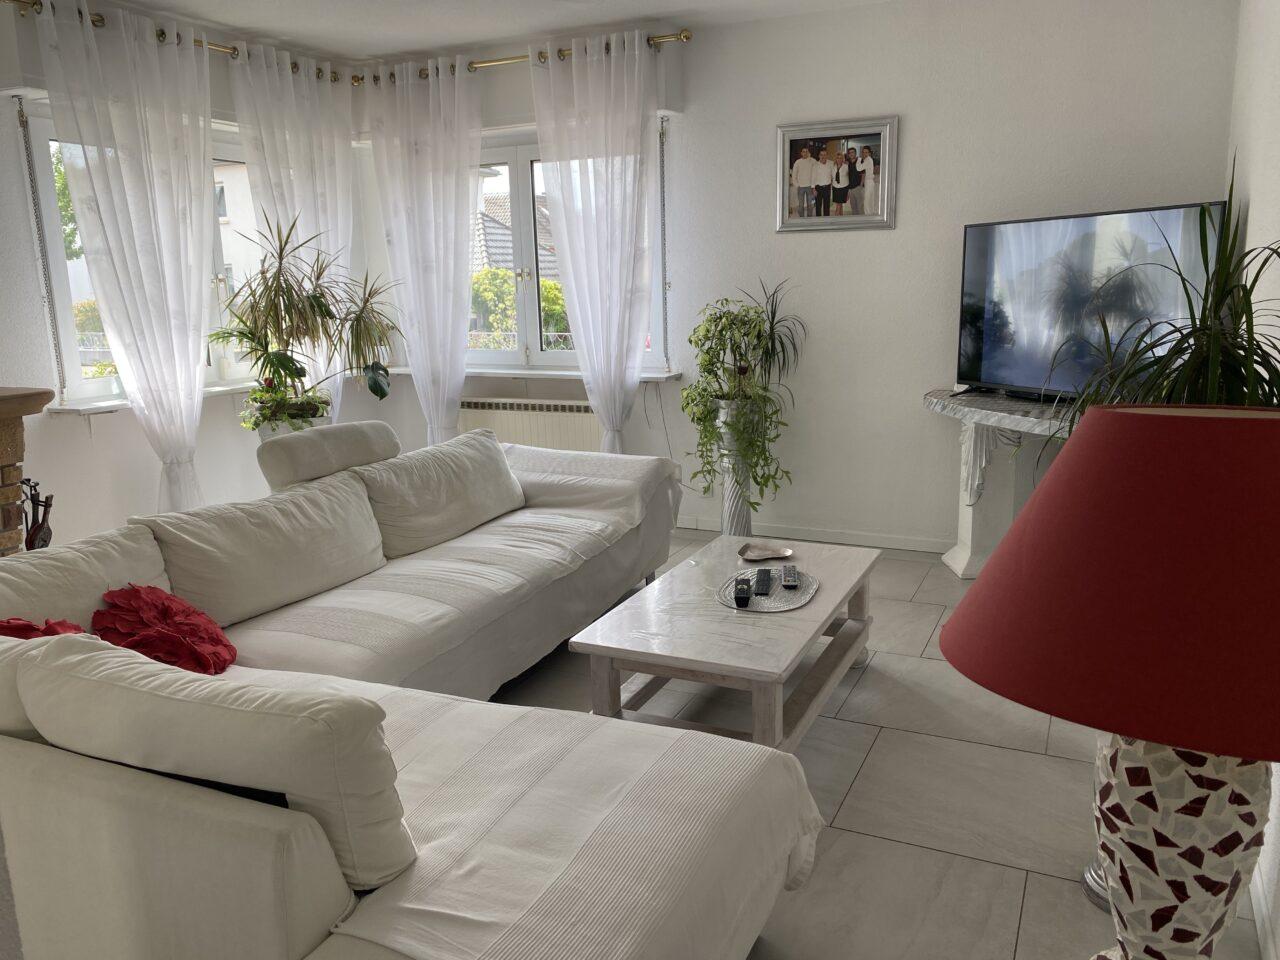 maison vente haguenau salon Fenninger immobilier